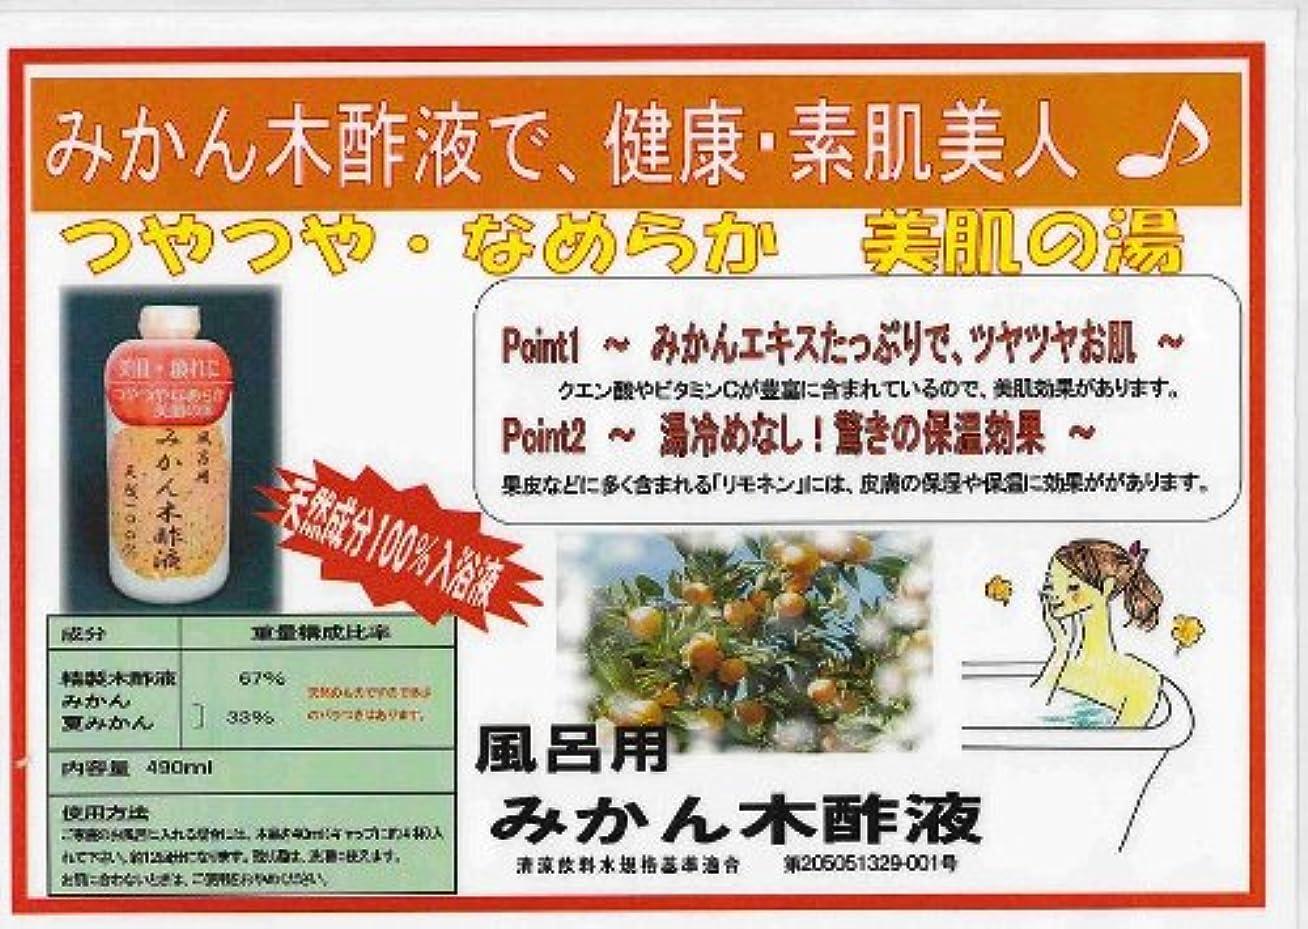 調停者熟読するアルネ風呂用 みかん木酢液 天然100% 490mL【4個セット】